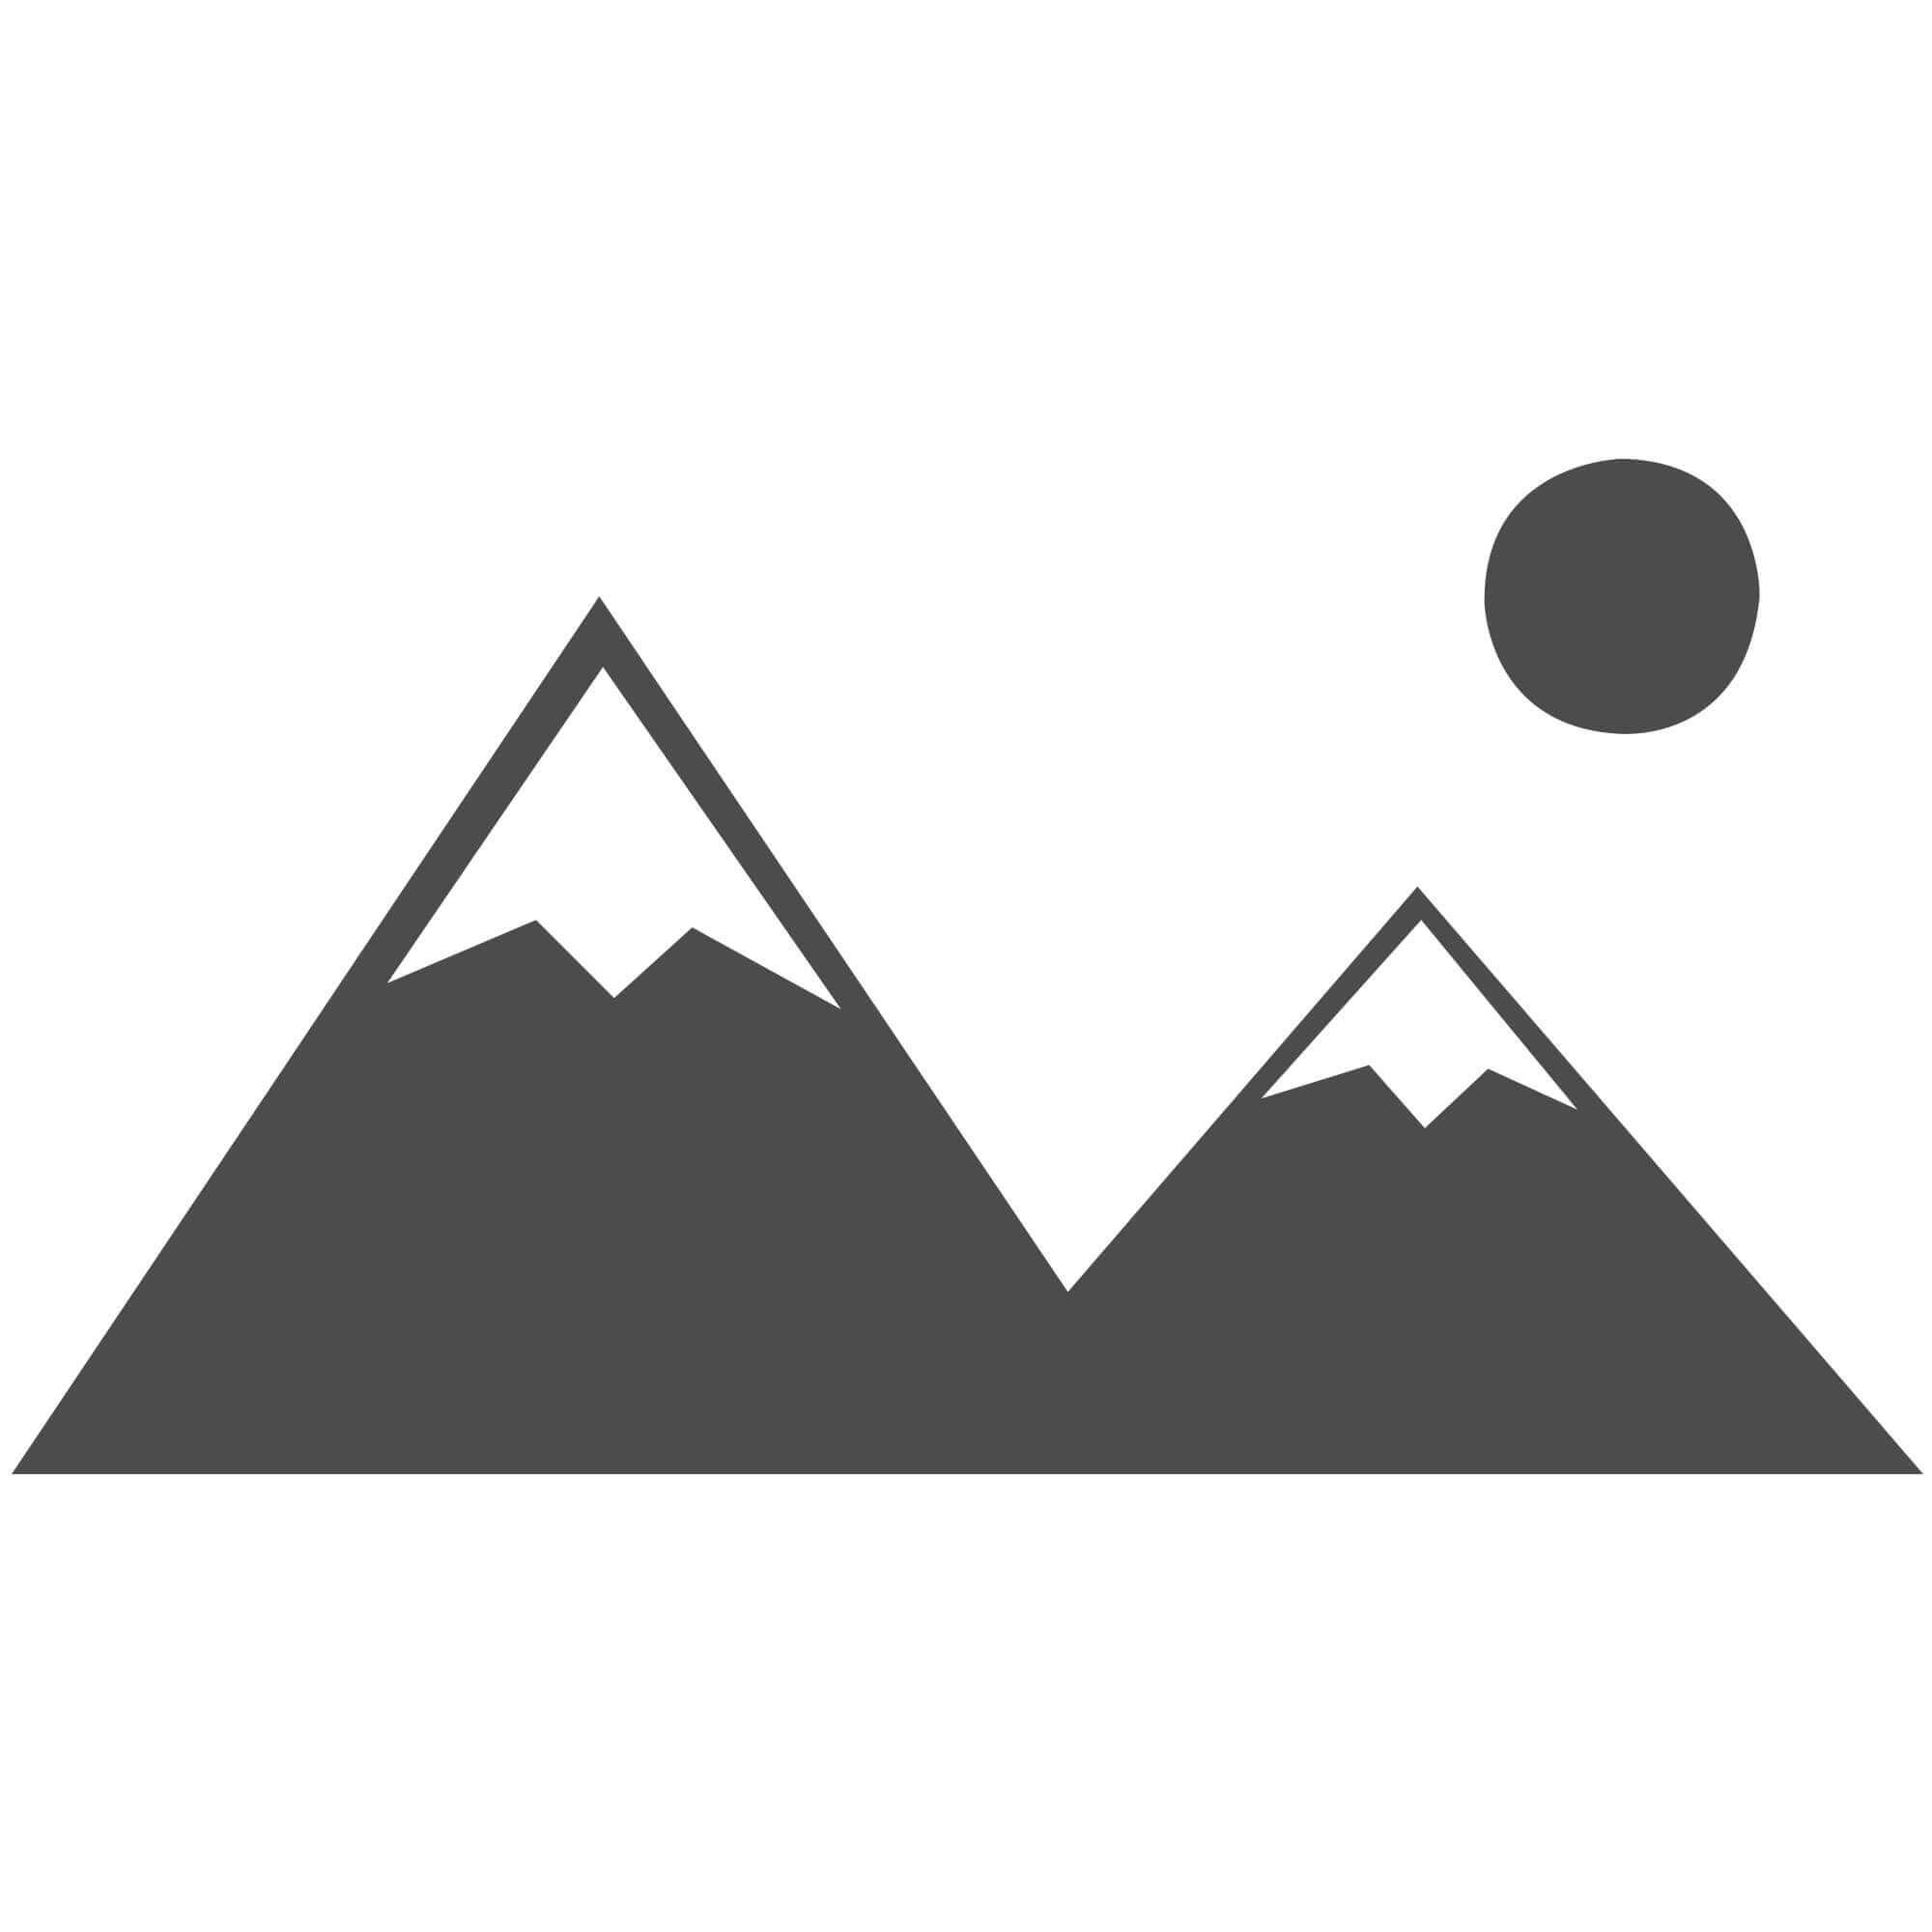 Steel Shear Metalworking New Zealand: Metal Cutting Shear, Programmable Back Gauge